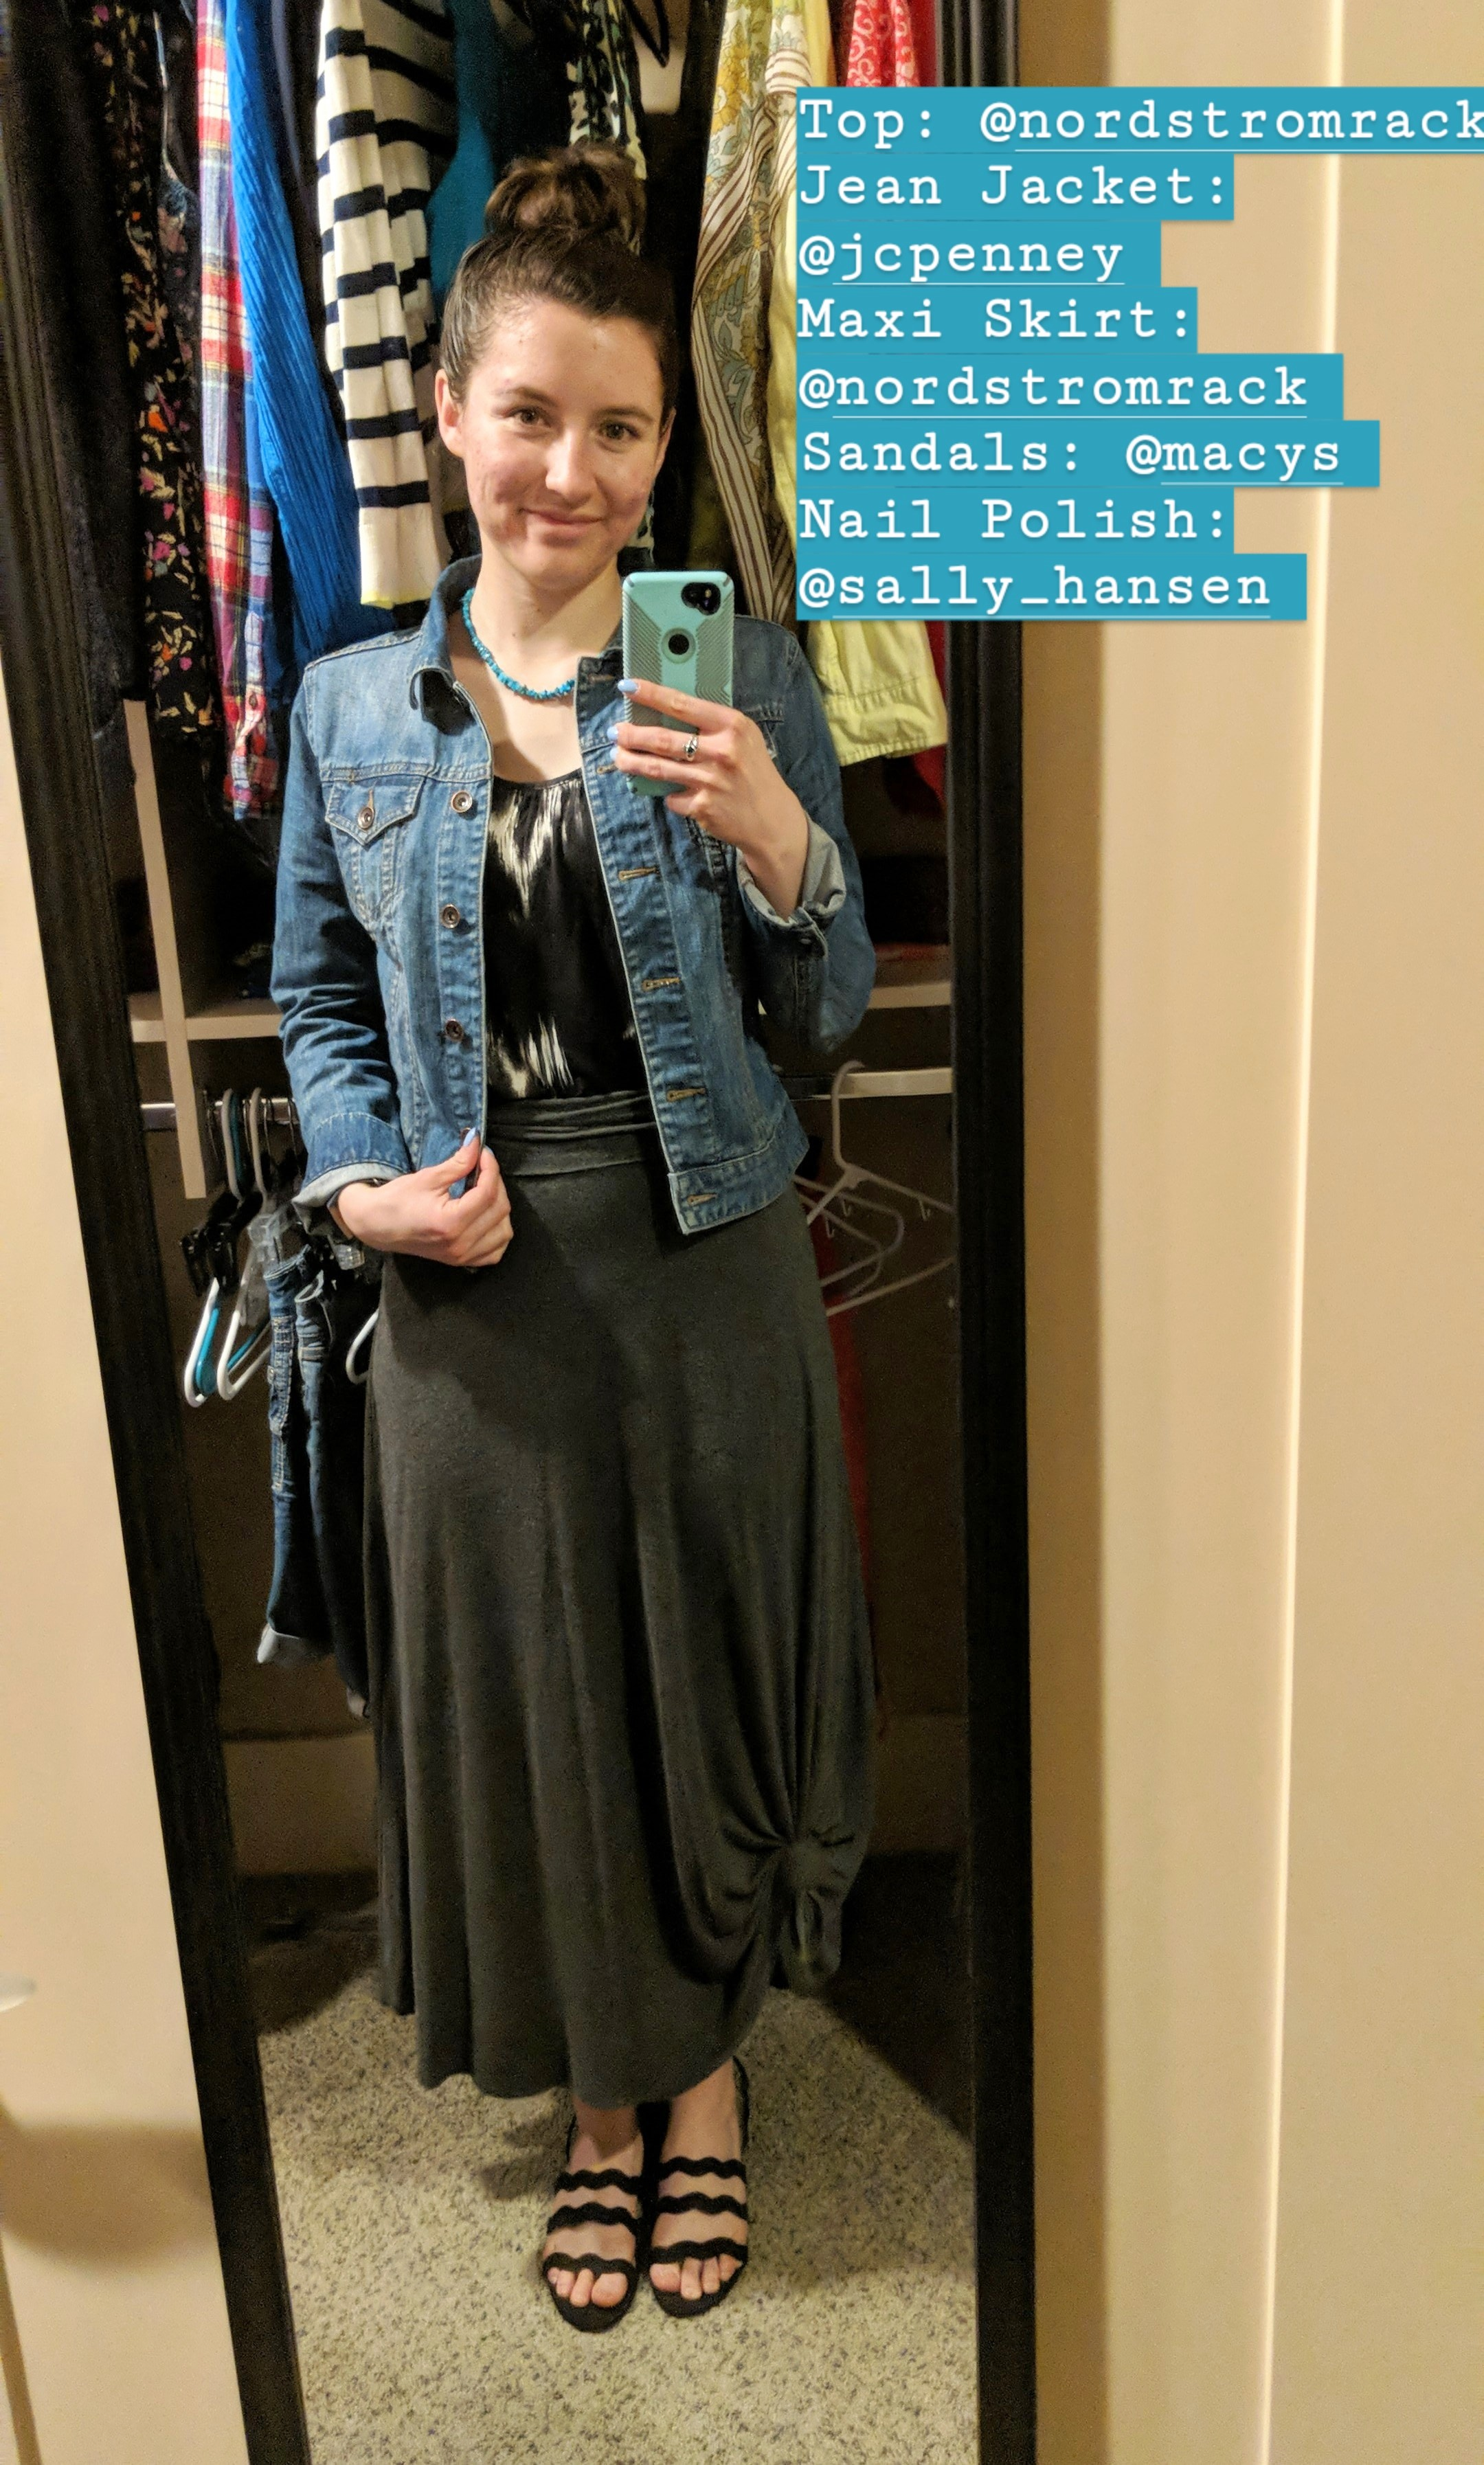 black patterned top, jean jacket, grey maxi skirt, black sandals